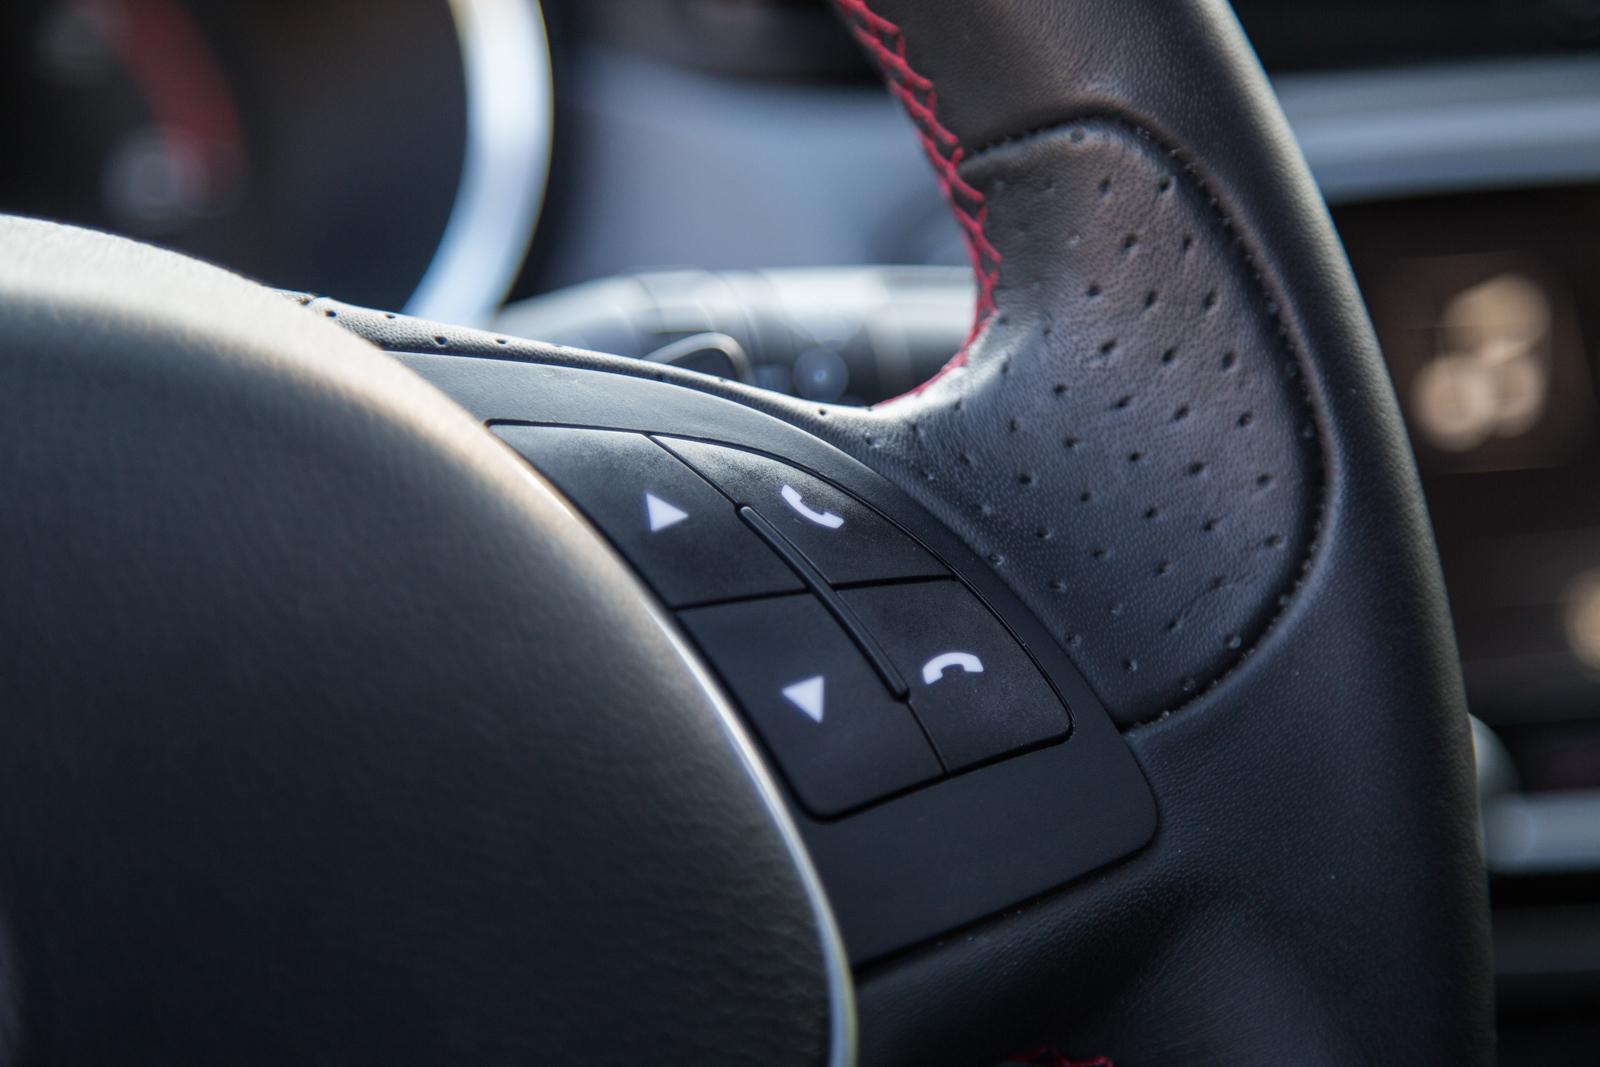 Test_Drive_Alfa_Romeo_Giulietta_TCT_1.6_JTDM-2_44